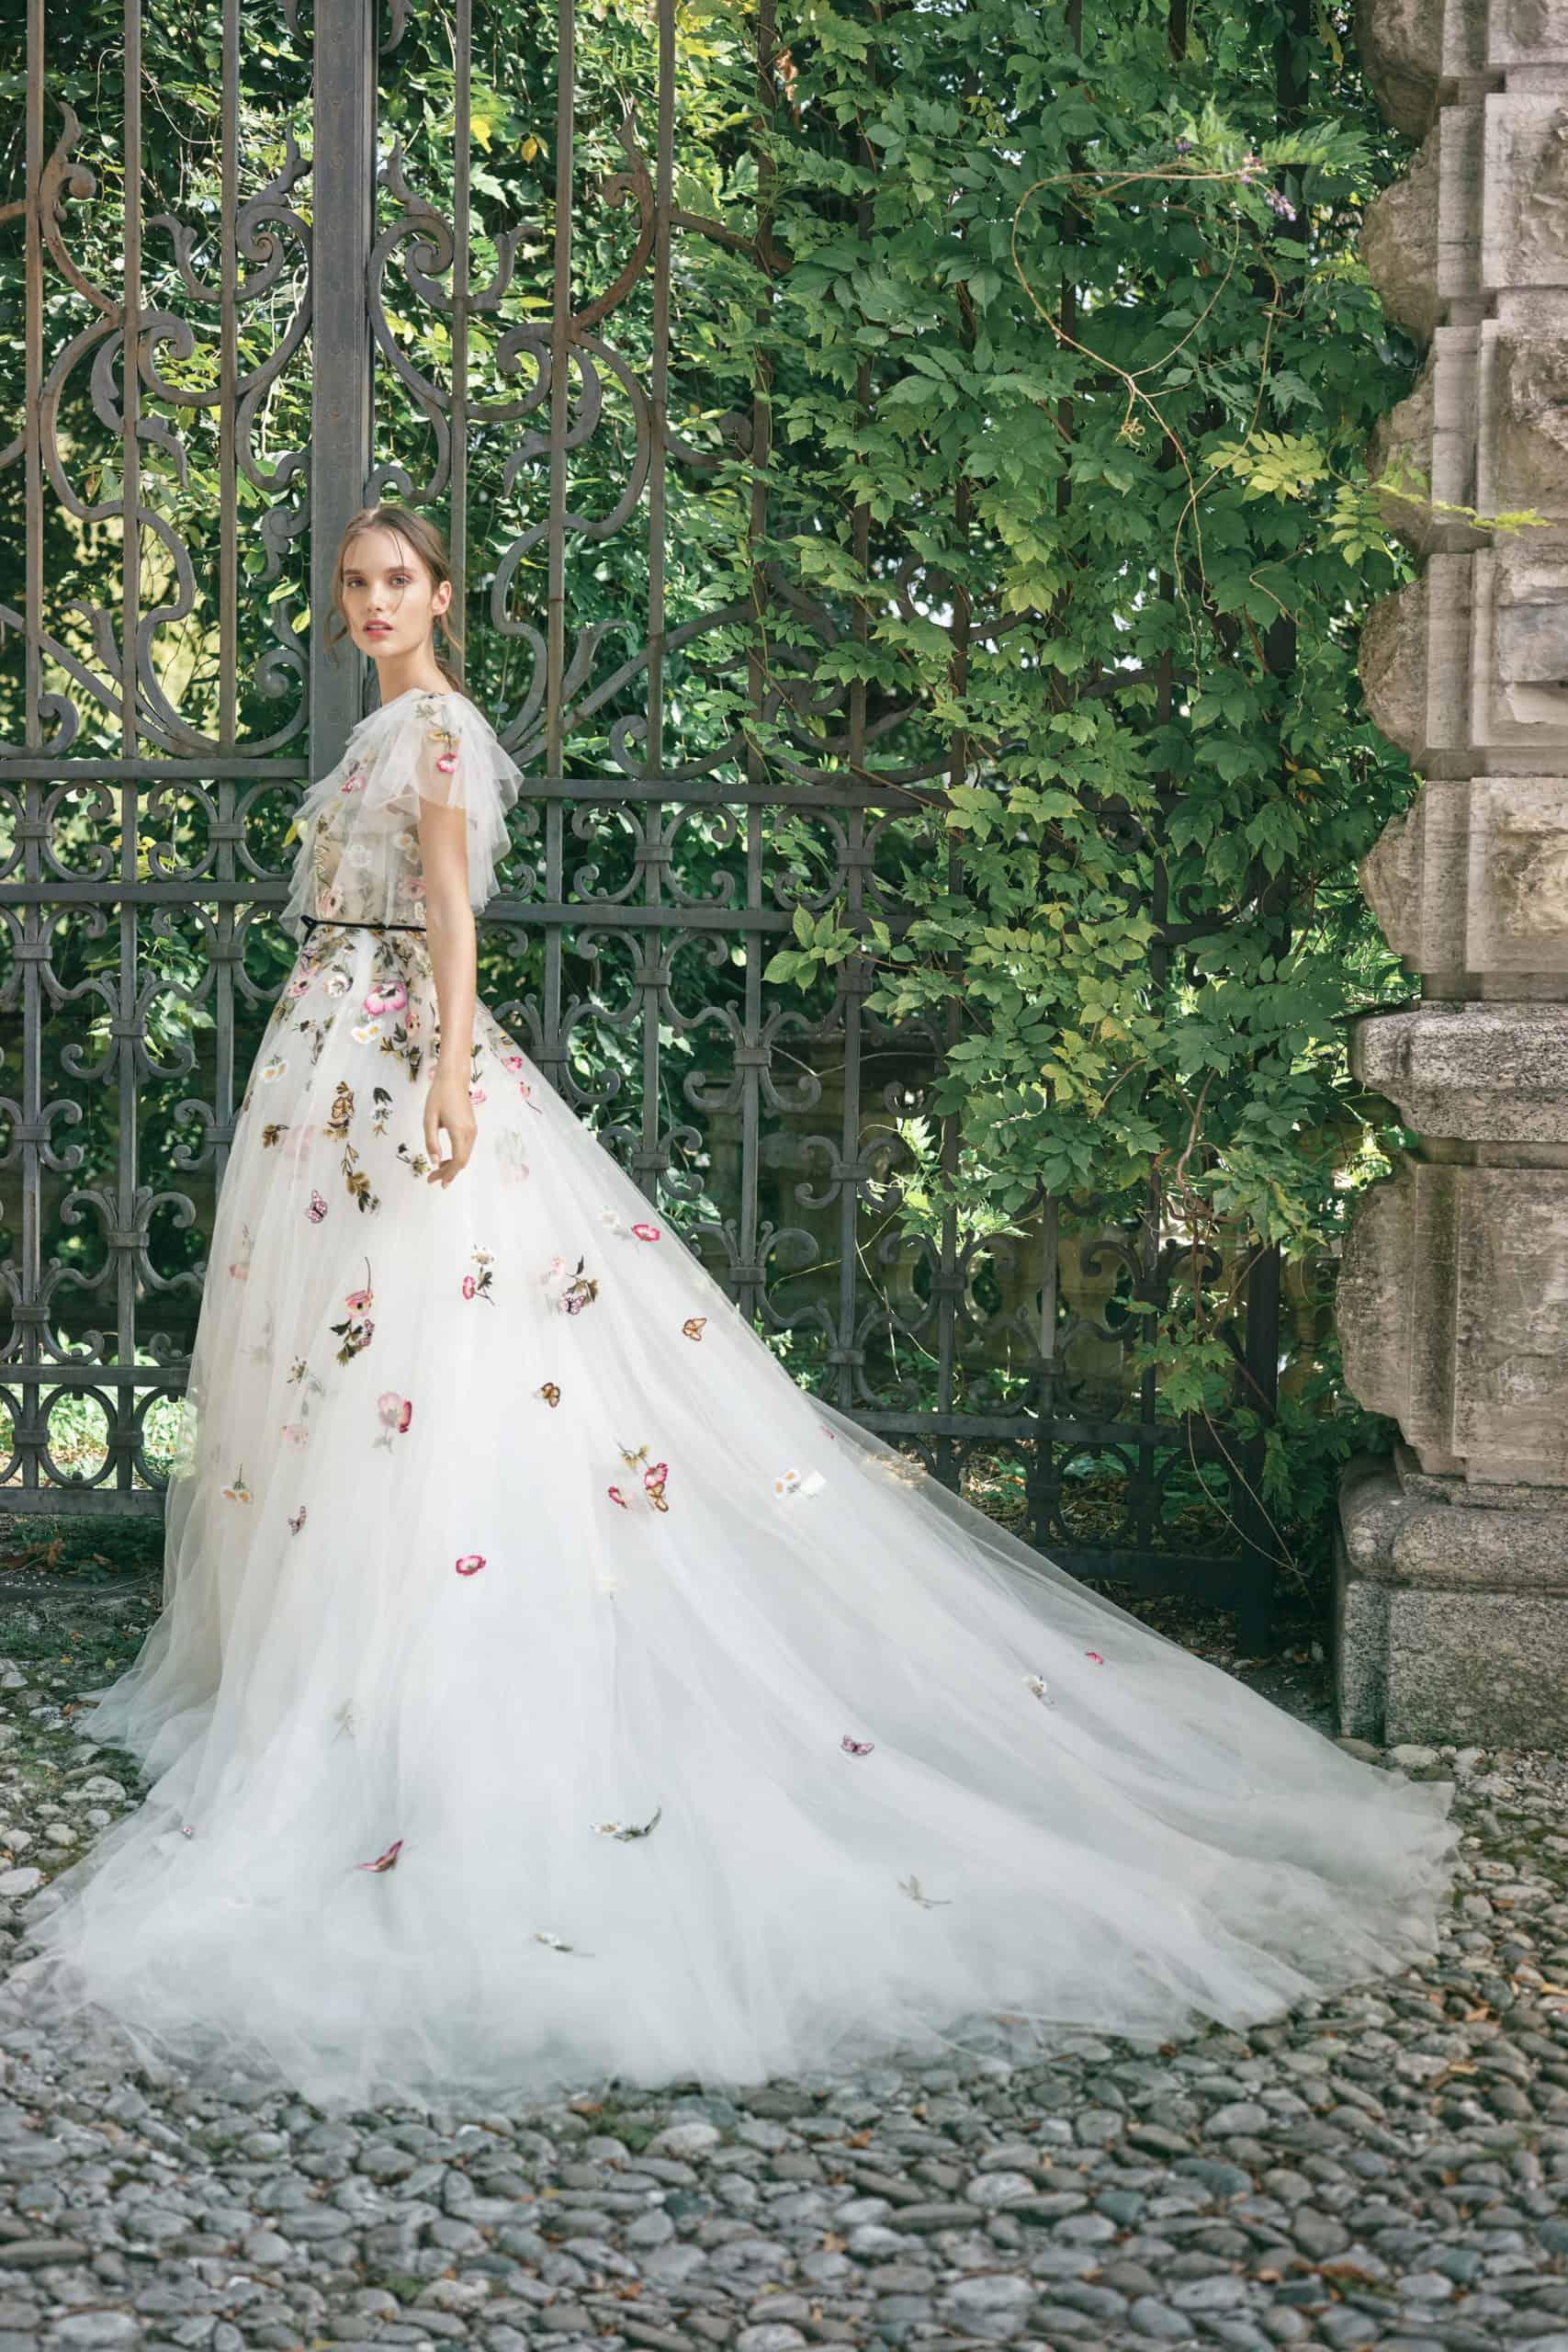 νυφικό φόρεμα από τούλι και τρισδιάστατα λουλούδια από Monique Lhuillier